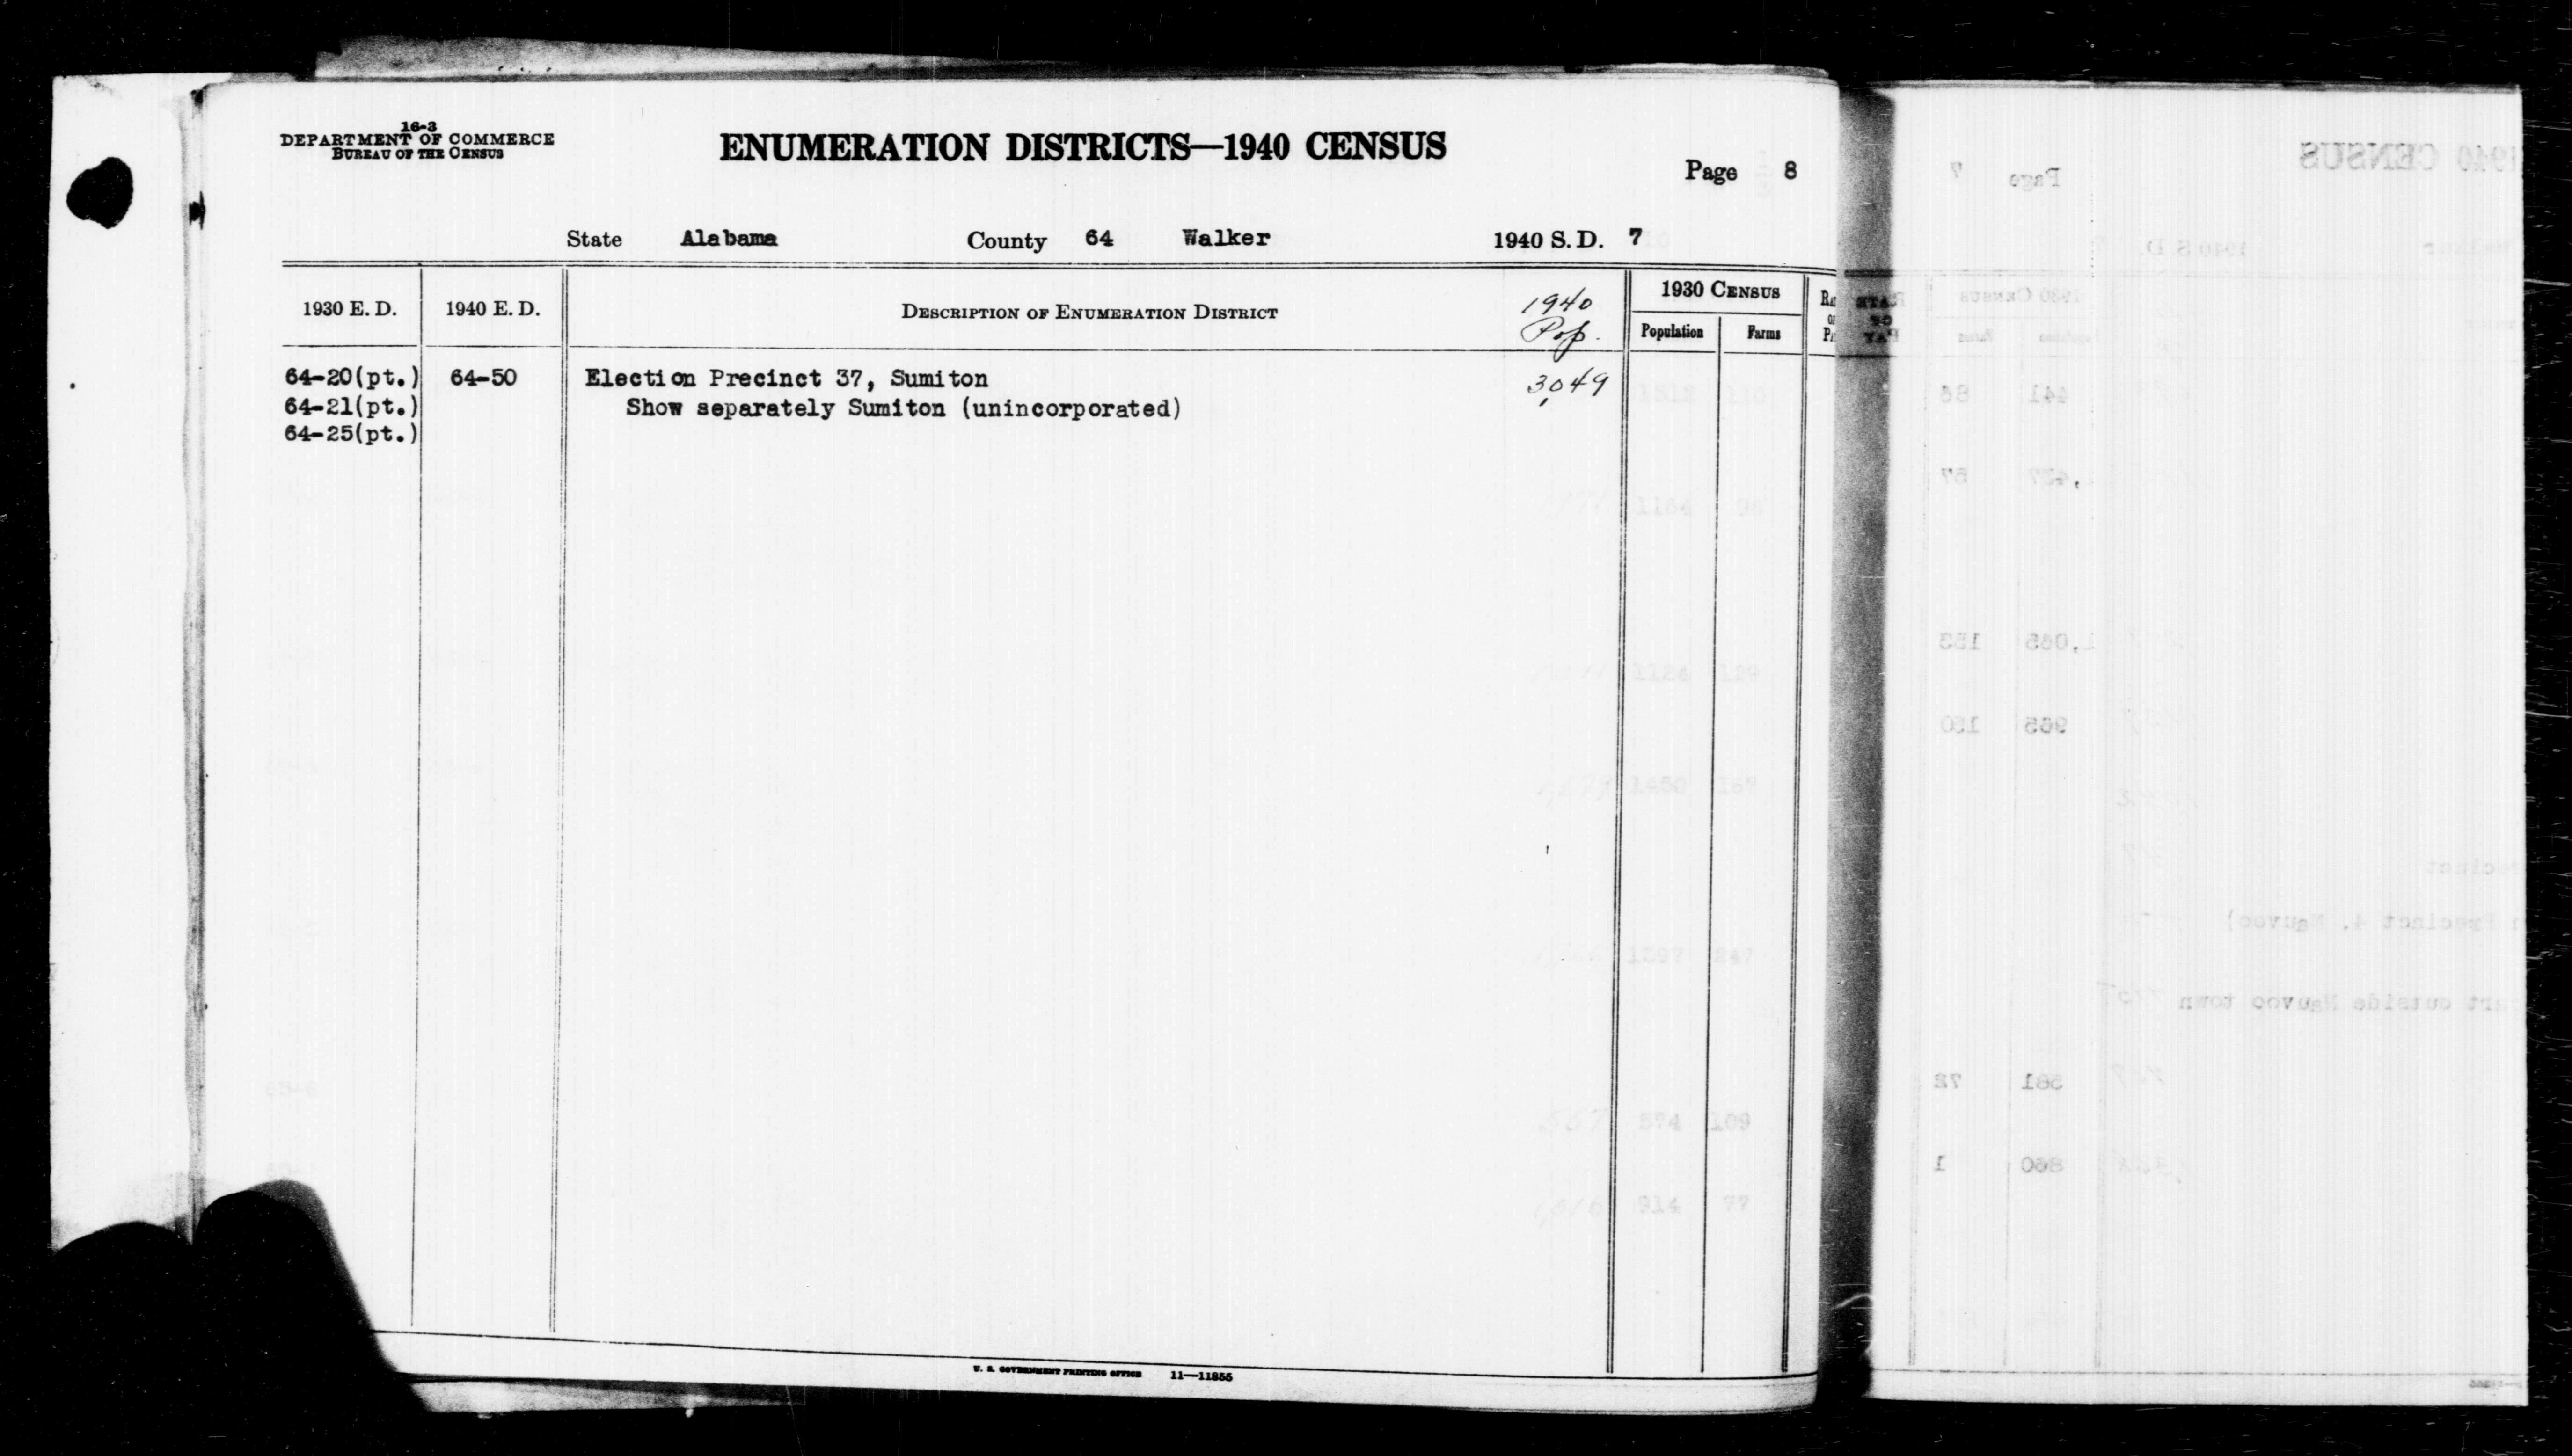 1940 Census Enumeration District Descriptions - Alabama - Walker County - ED 64-50